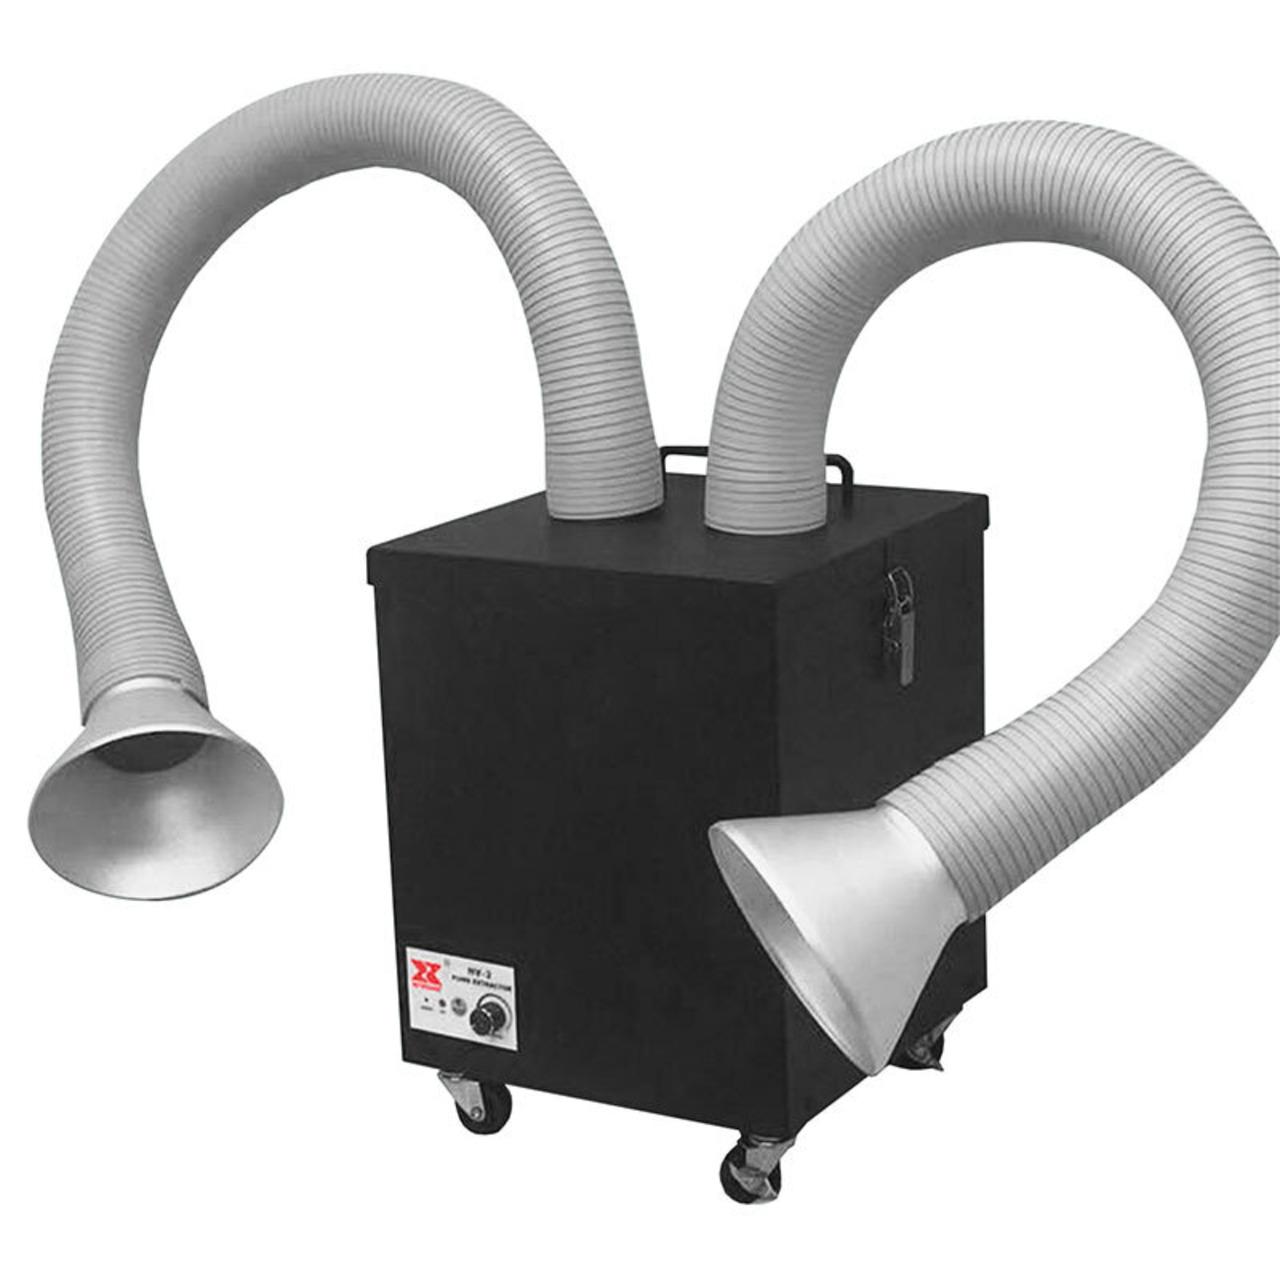 ELV Profi-Lötrauch-Absauggerät mit HEPA-Filter- Absaugleistung regulierbar- für 2 Arbeitsplätze